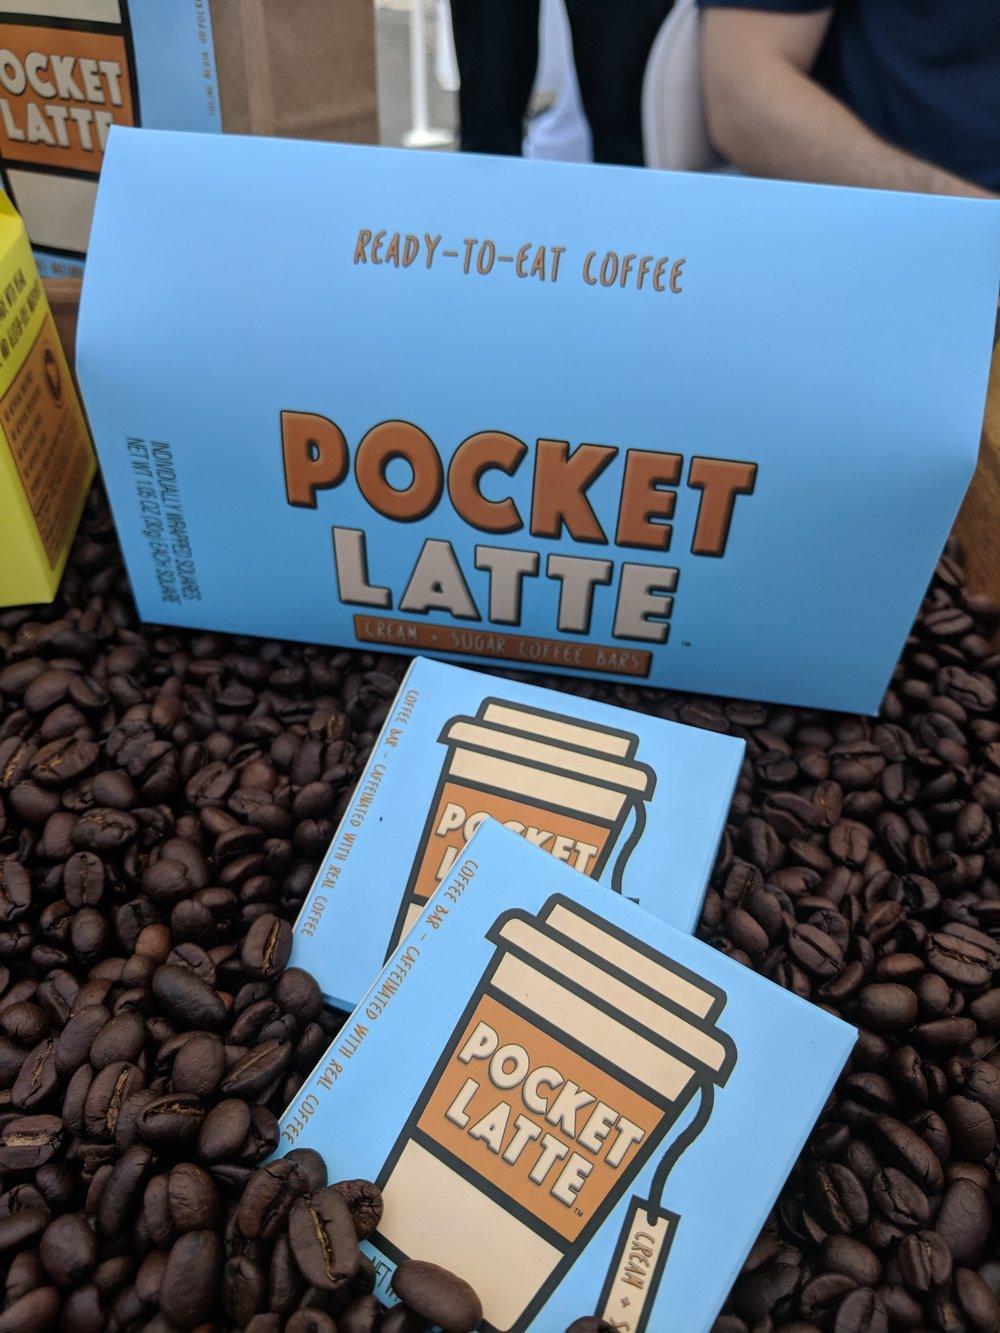 Pocket Latte